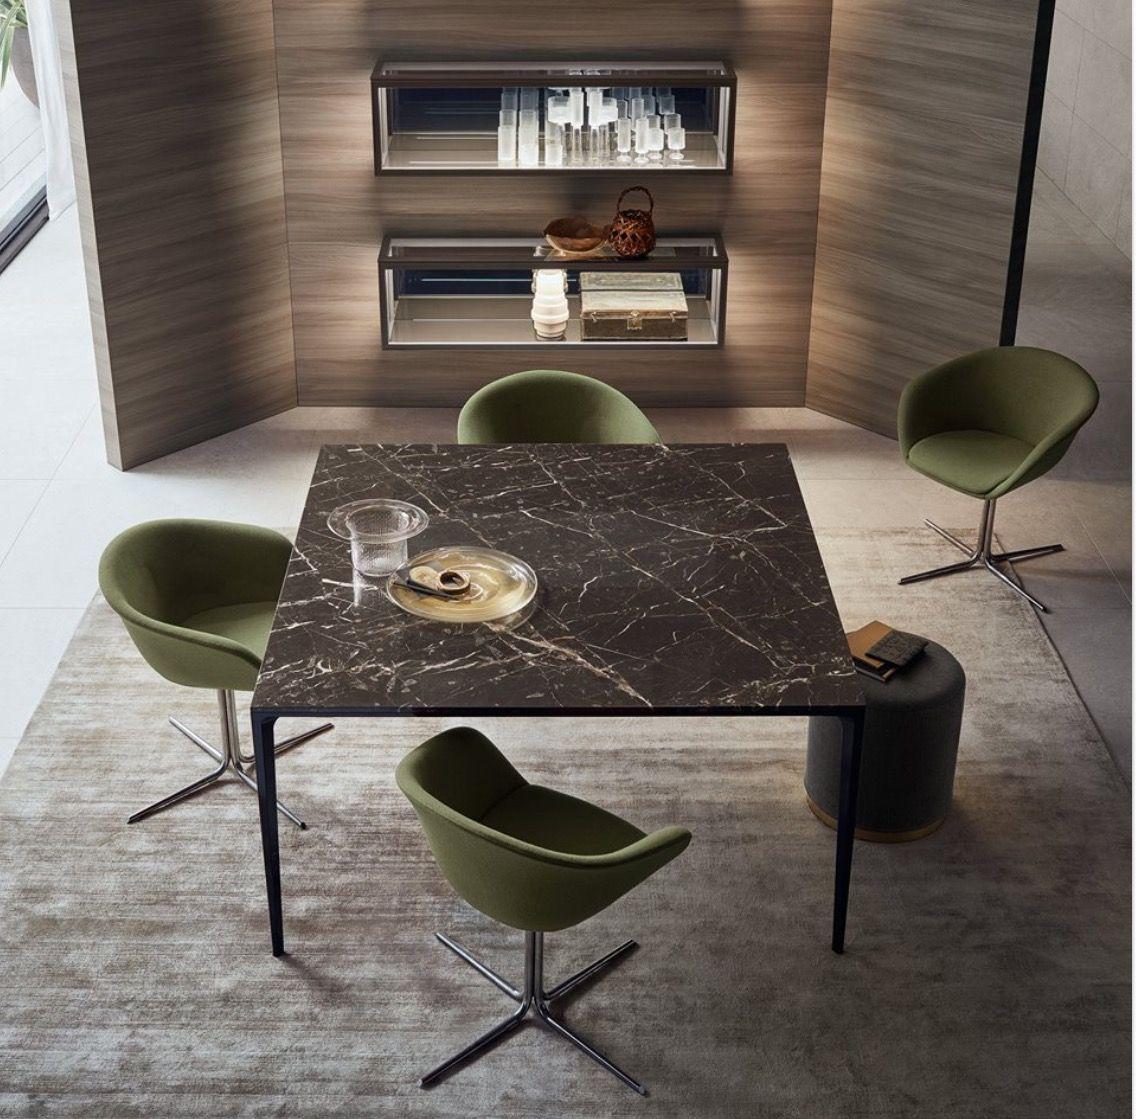 Design Vierkante Eettafel.Design Vierkante Marmeren Tafel Rimadesio Long Island